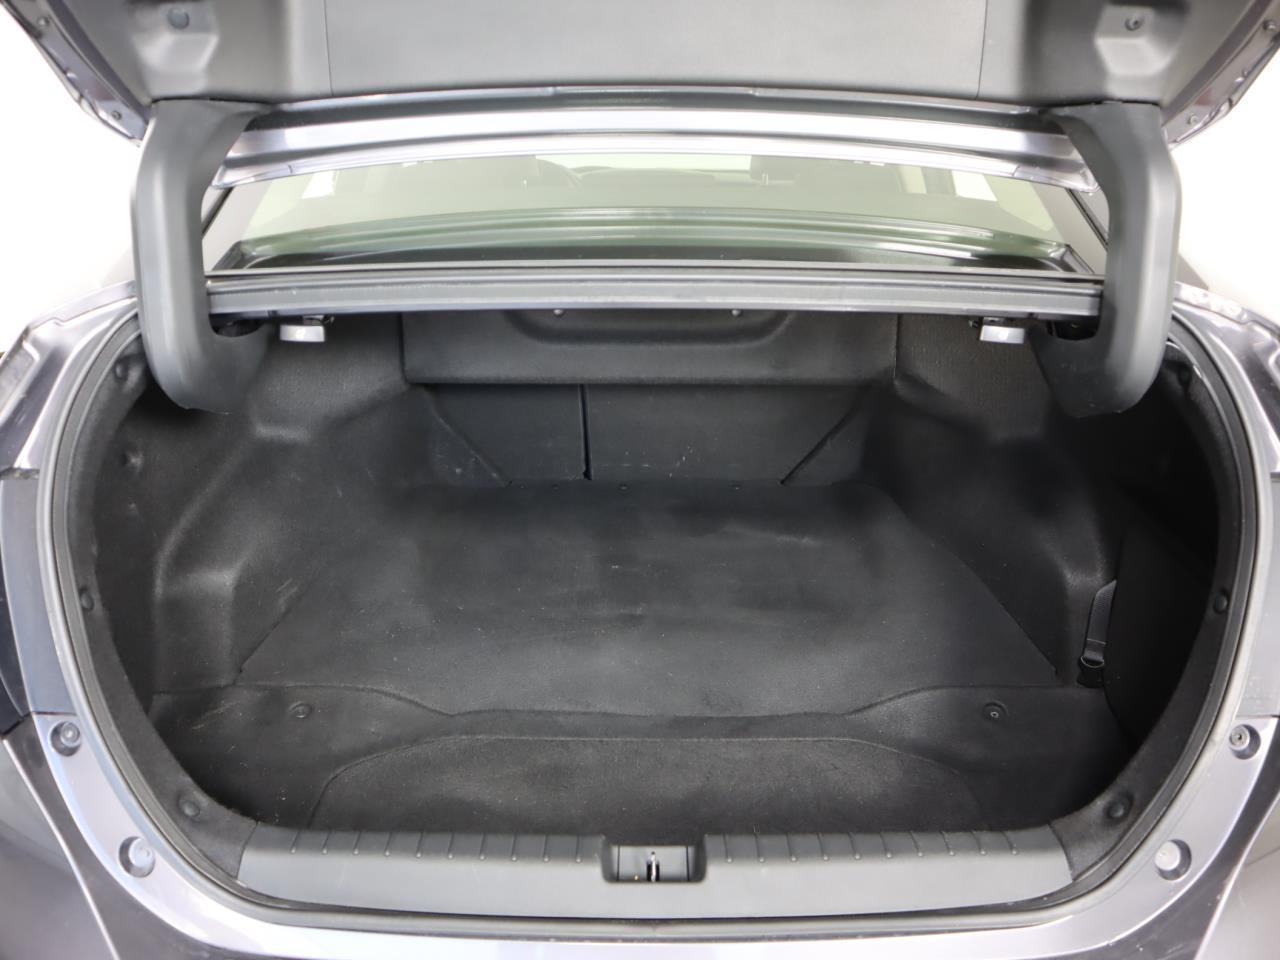 used vehicle - Sedan HONDA CLARITY PLUG-IN HYBRID 2018